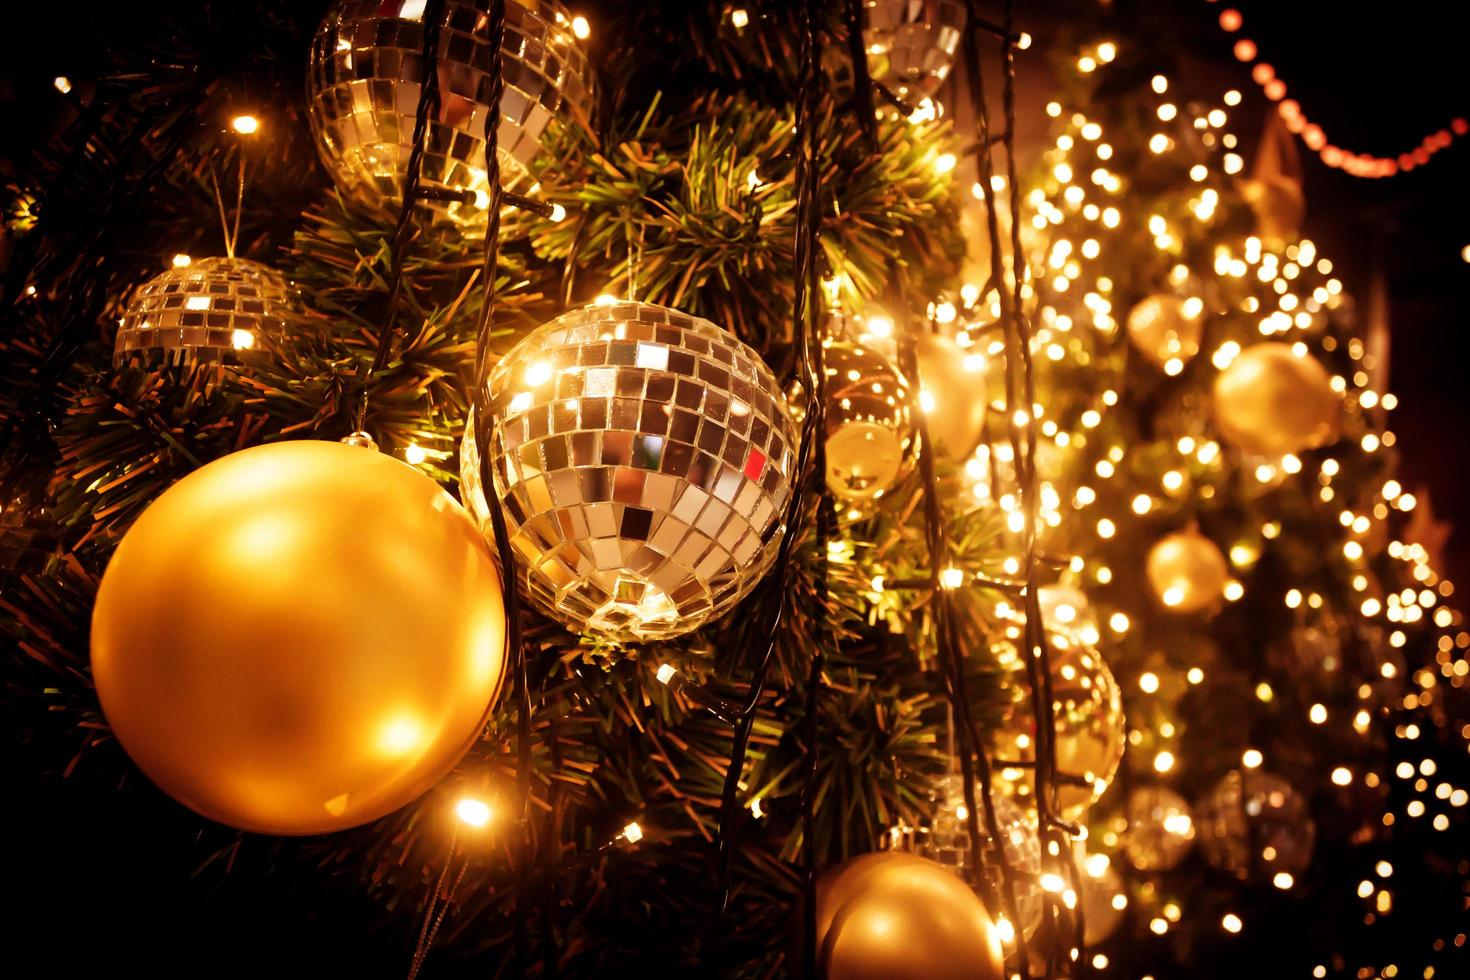 Weihnachtsbaum mit Goldkugel und Bokeh beleuchtet Hintergrund foto